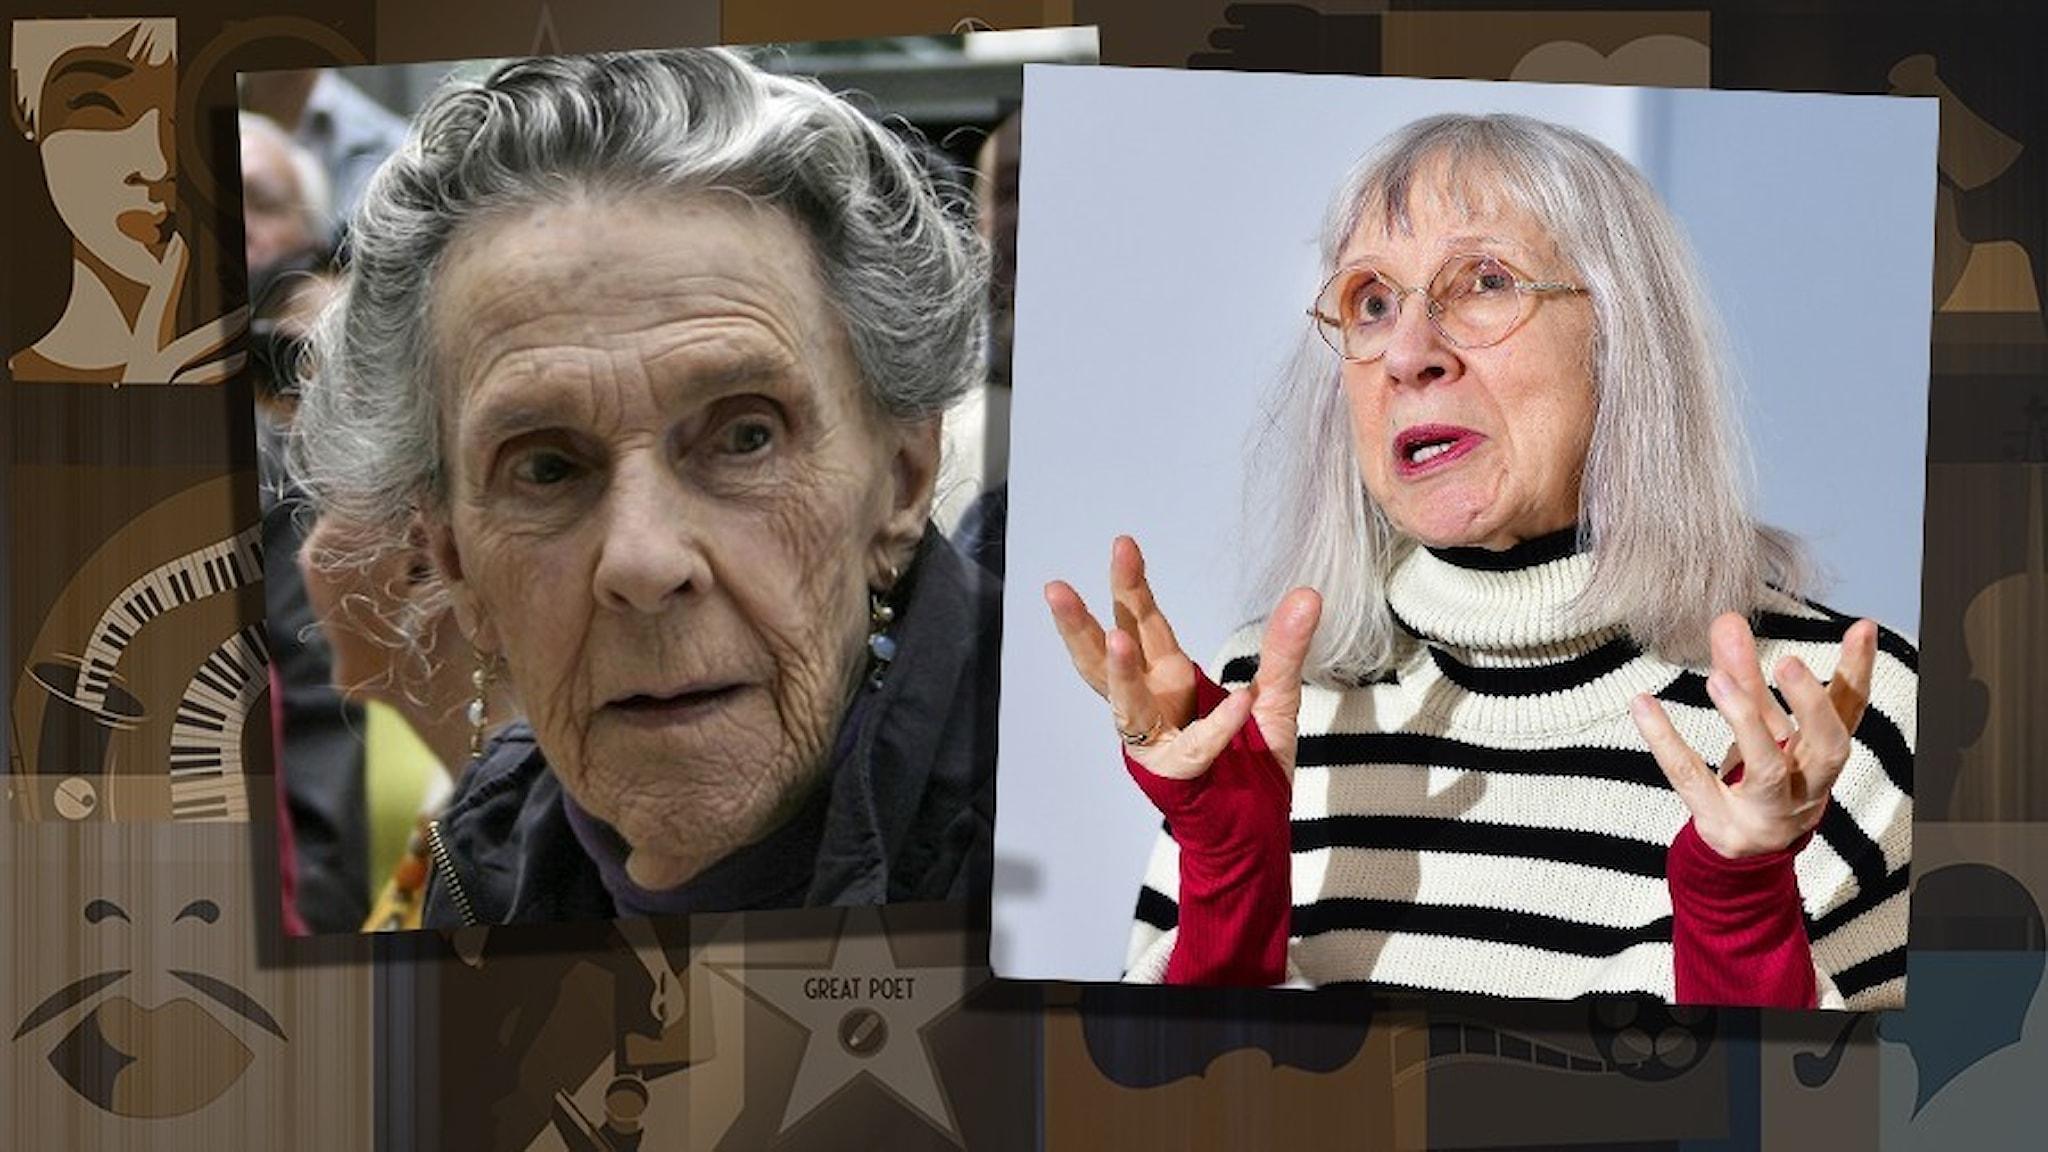 Porträtt av Leonora Carrington och Suzanne Osten.